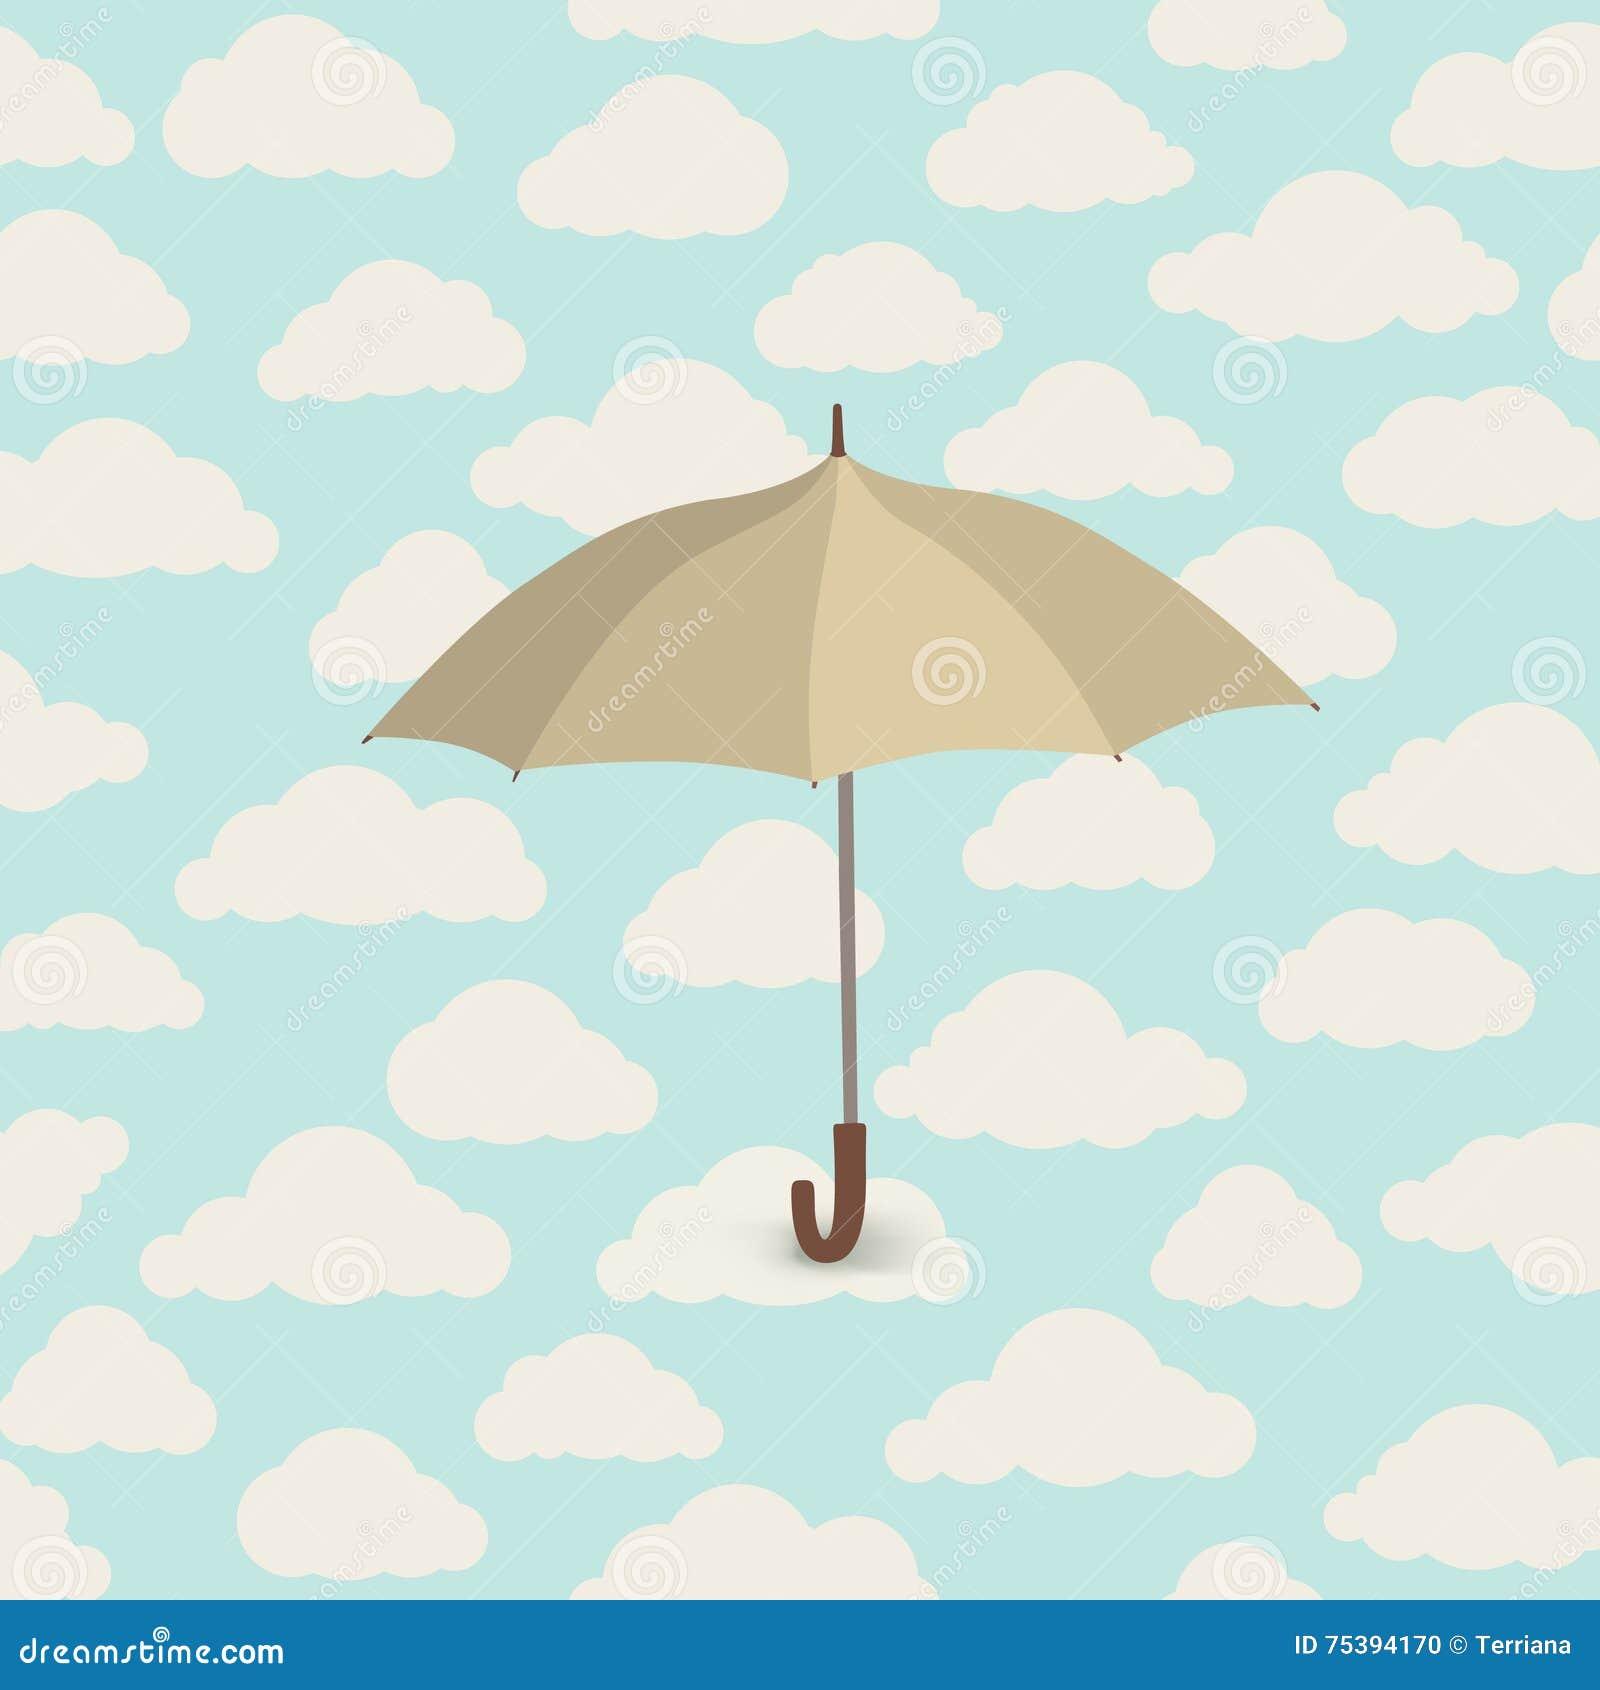 Paraguas Sobre La Lluvia Modelo Lluvioso Del Cielo Nublado Otoño ...